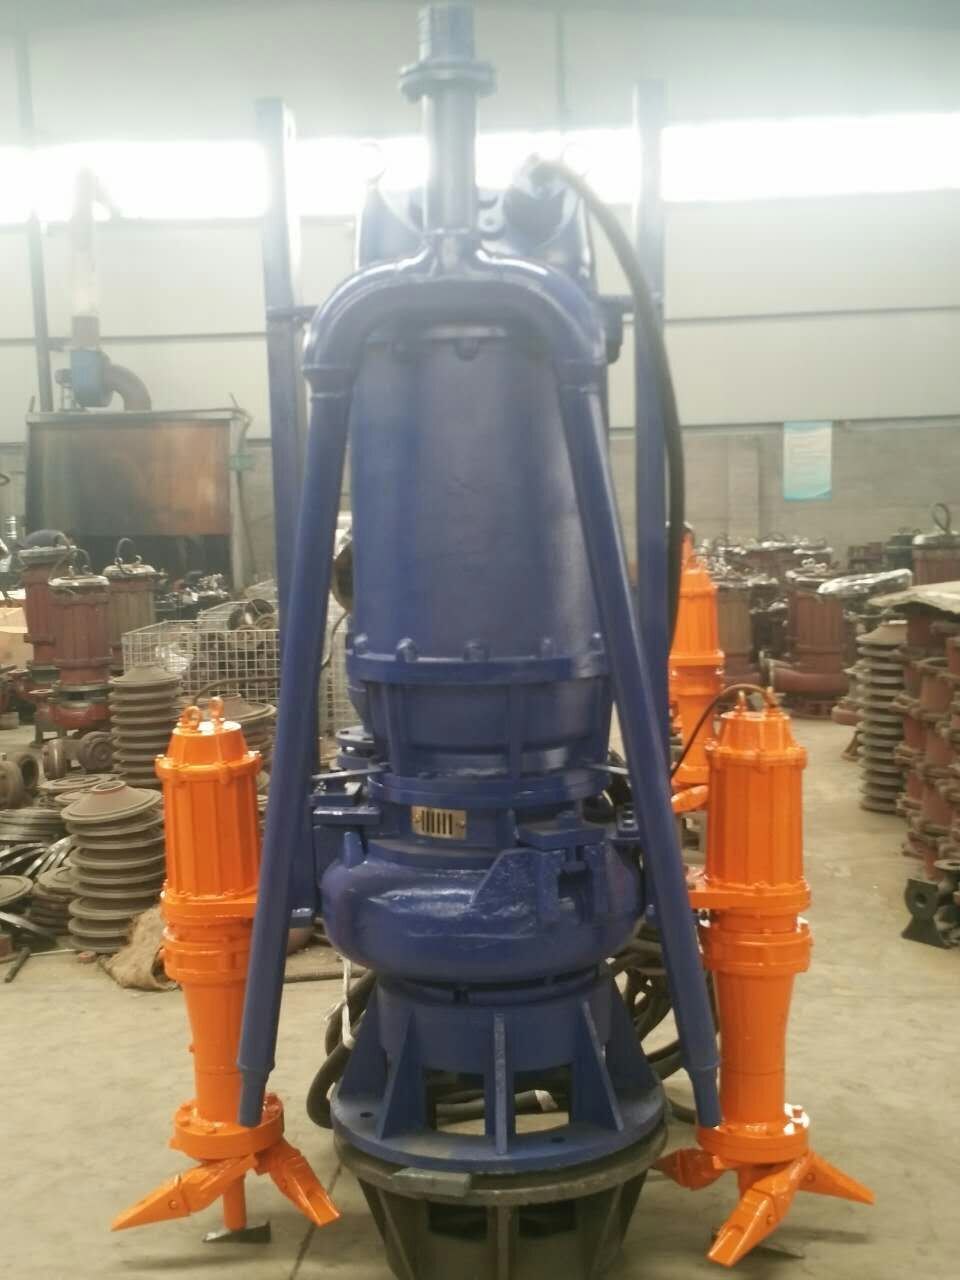 供应渣浆泵,离心泵,杂质泵,脱硫泵等工业泵及OEM代加工